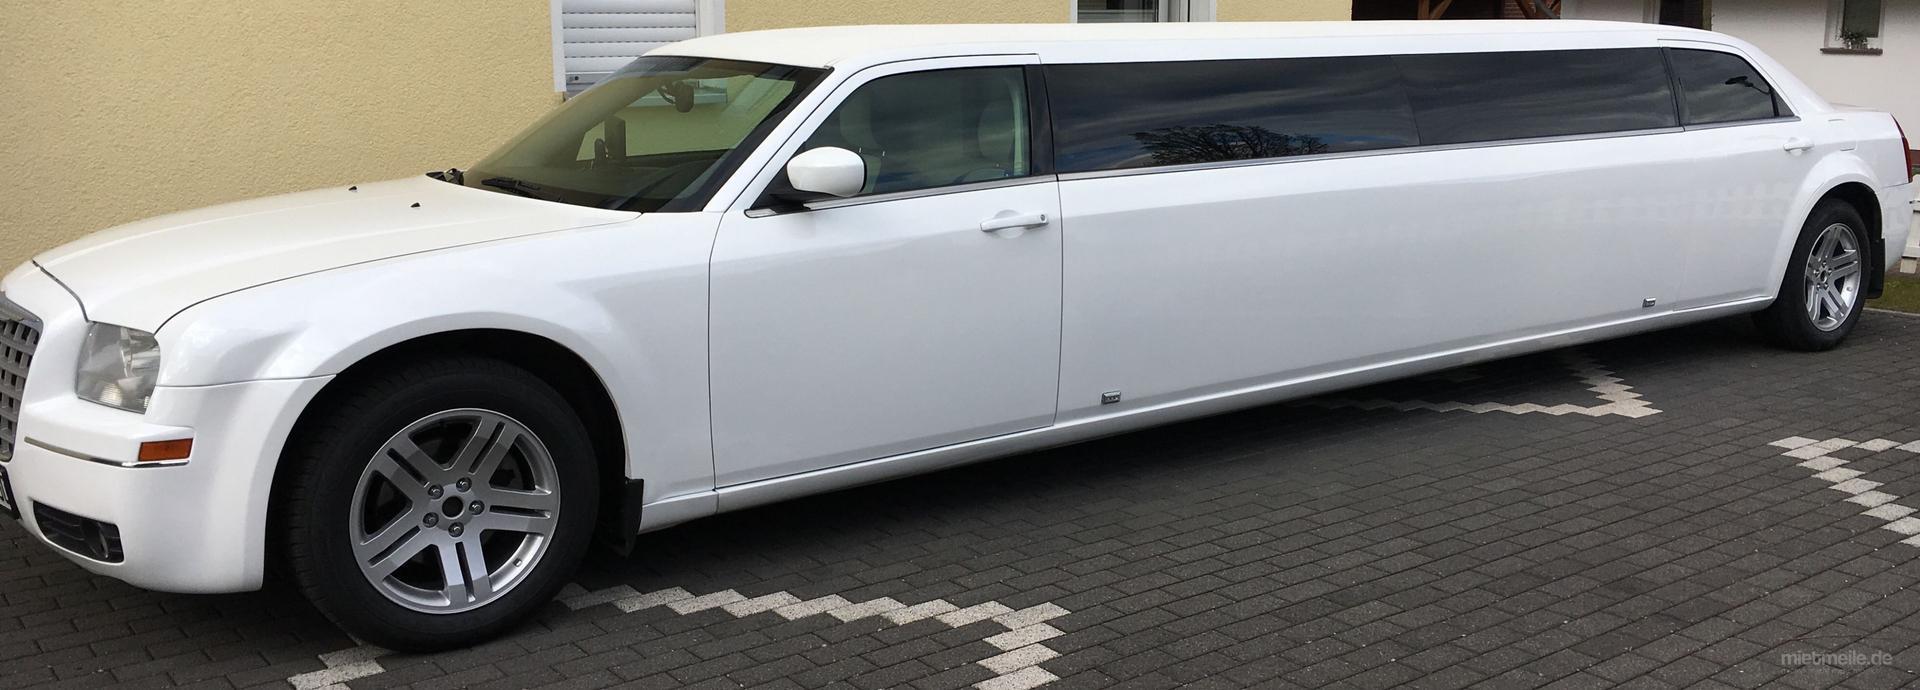 Limousinen mieten & vermieten - Stretch-Limo -Limousine-Hochzeit Service in Stadtoldendorf